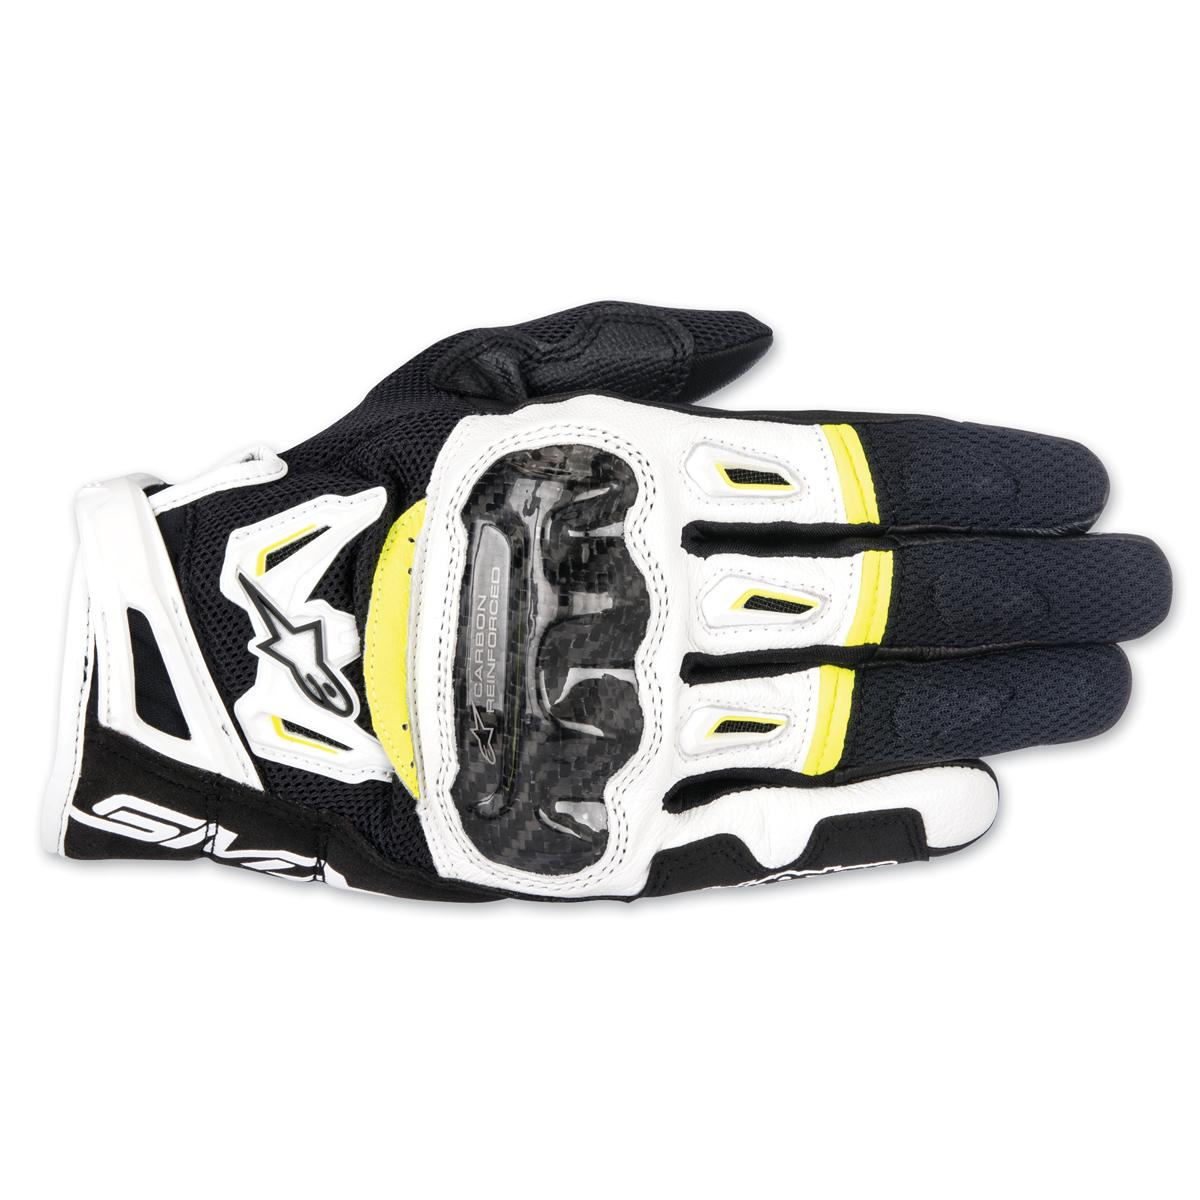 Alpinestars Men's SMX-2 v2 Air Carbon Black/White/Hi-Viz Gloves